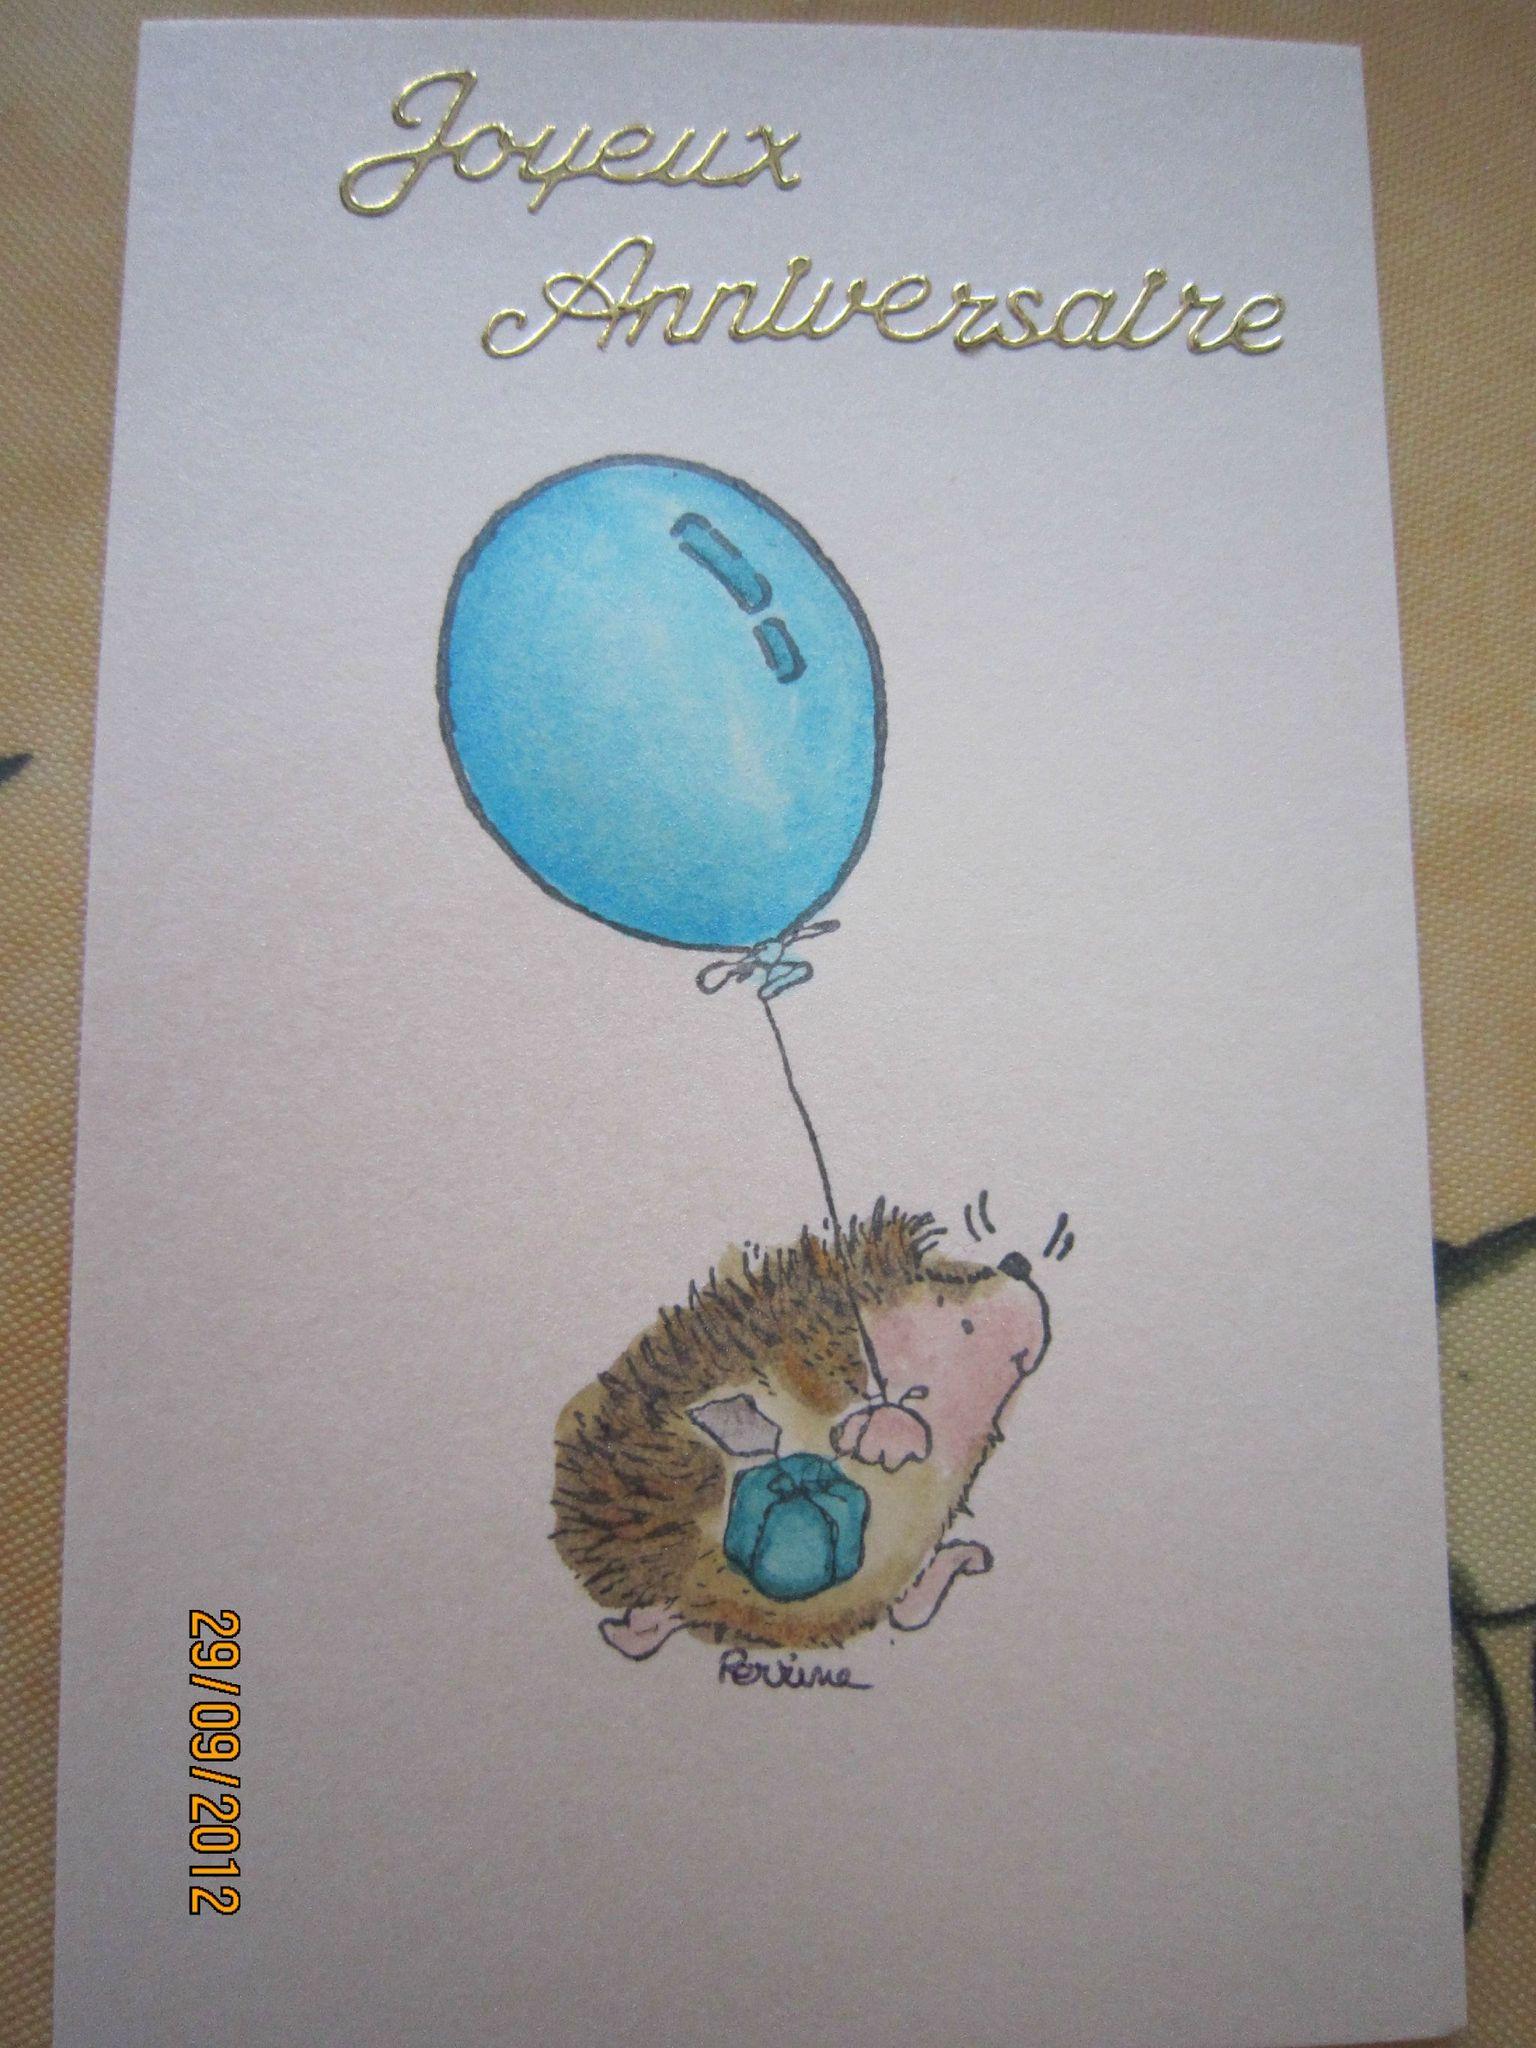 Carte anniversaire avec un hérisson